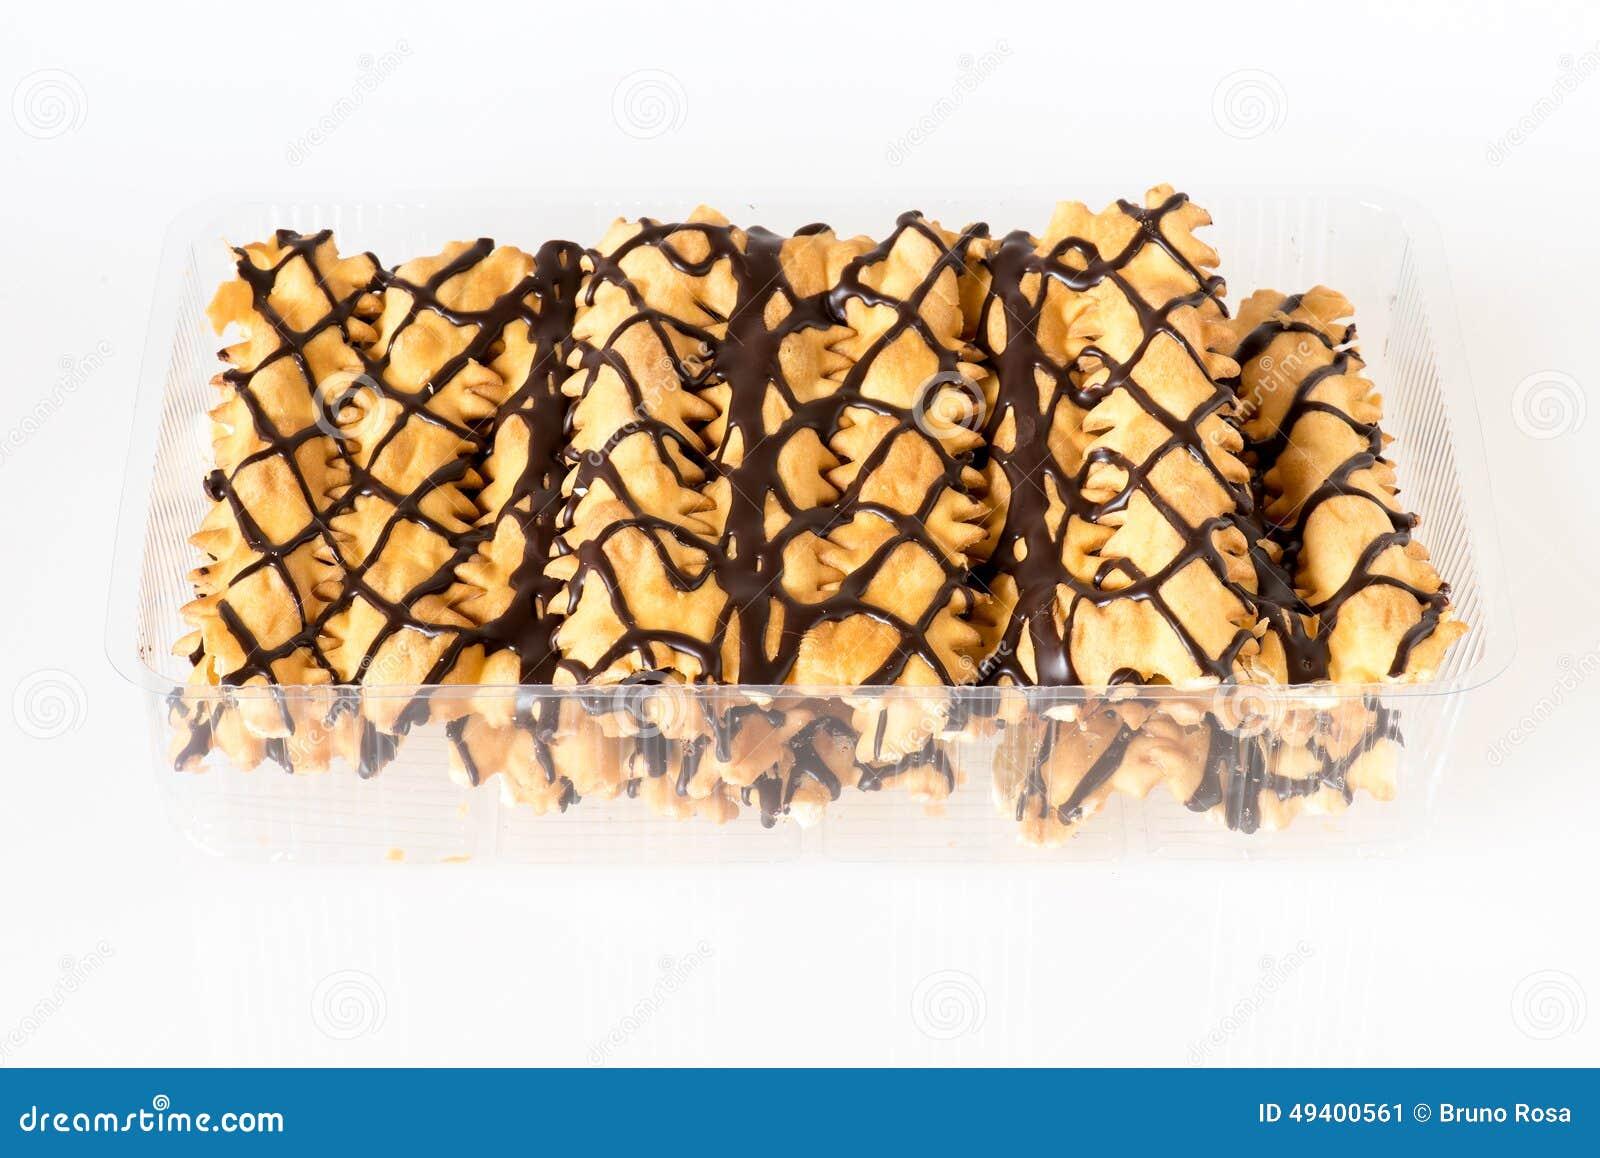 Download Italienischer Traditioneller Nachtisch Für Den Karneval Genannt Stockbild - Bild von diät, störung: 49400561